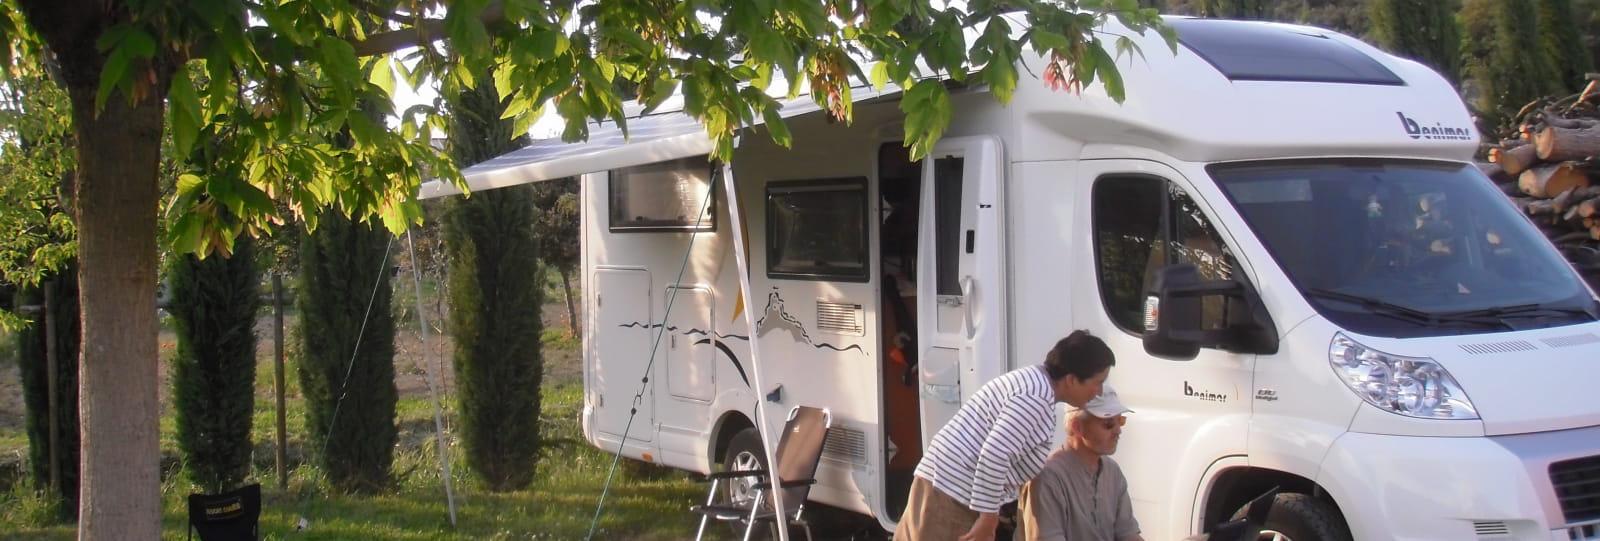 Aire Camping-Cars privée du Domaine Rocheville